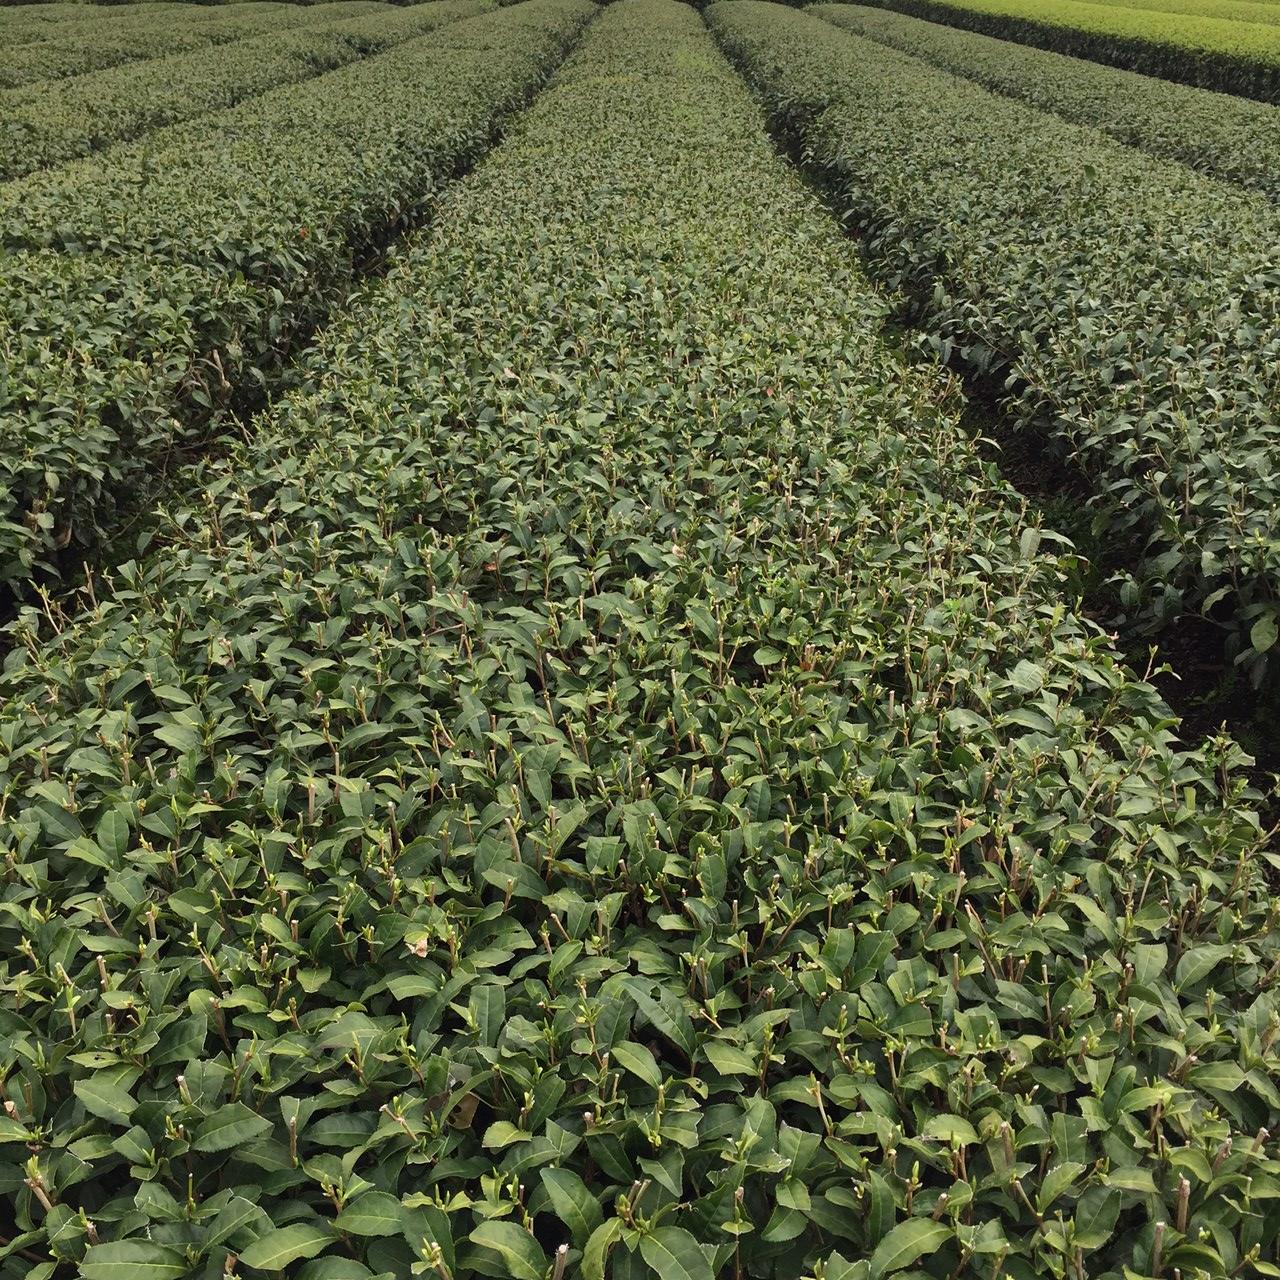 2017年4月8日産かごしま緑茶の茶園風景です。品種は代表的なお茶の品種やぶきたです。まだまだ新芽はお休み中ですね。